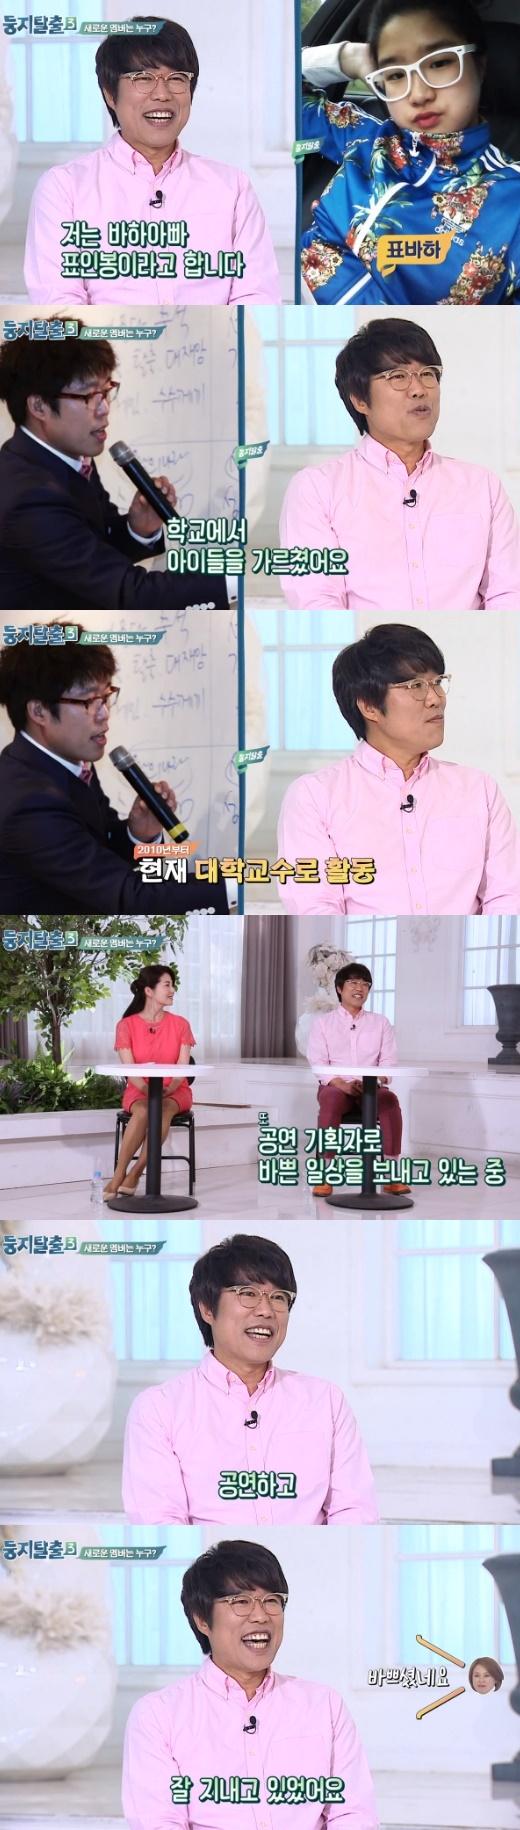 """'둥지탈출3' 표인봉 """"대학 교수에 공연 기획자로 활동"""" 근황 공개"""